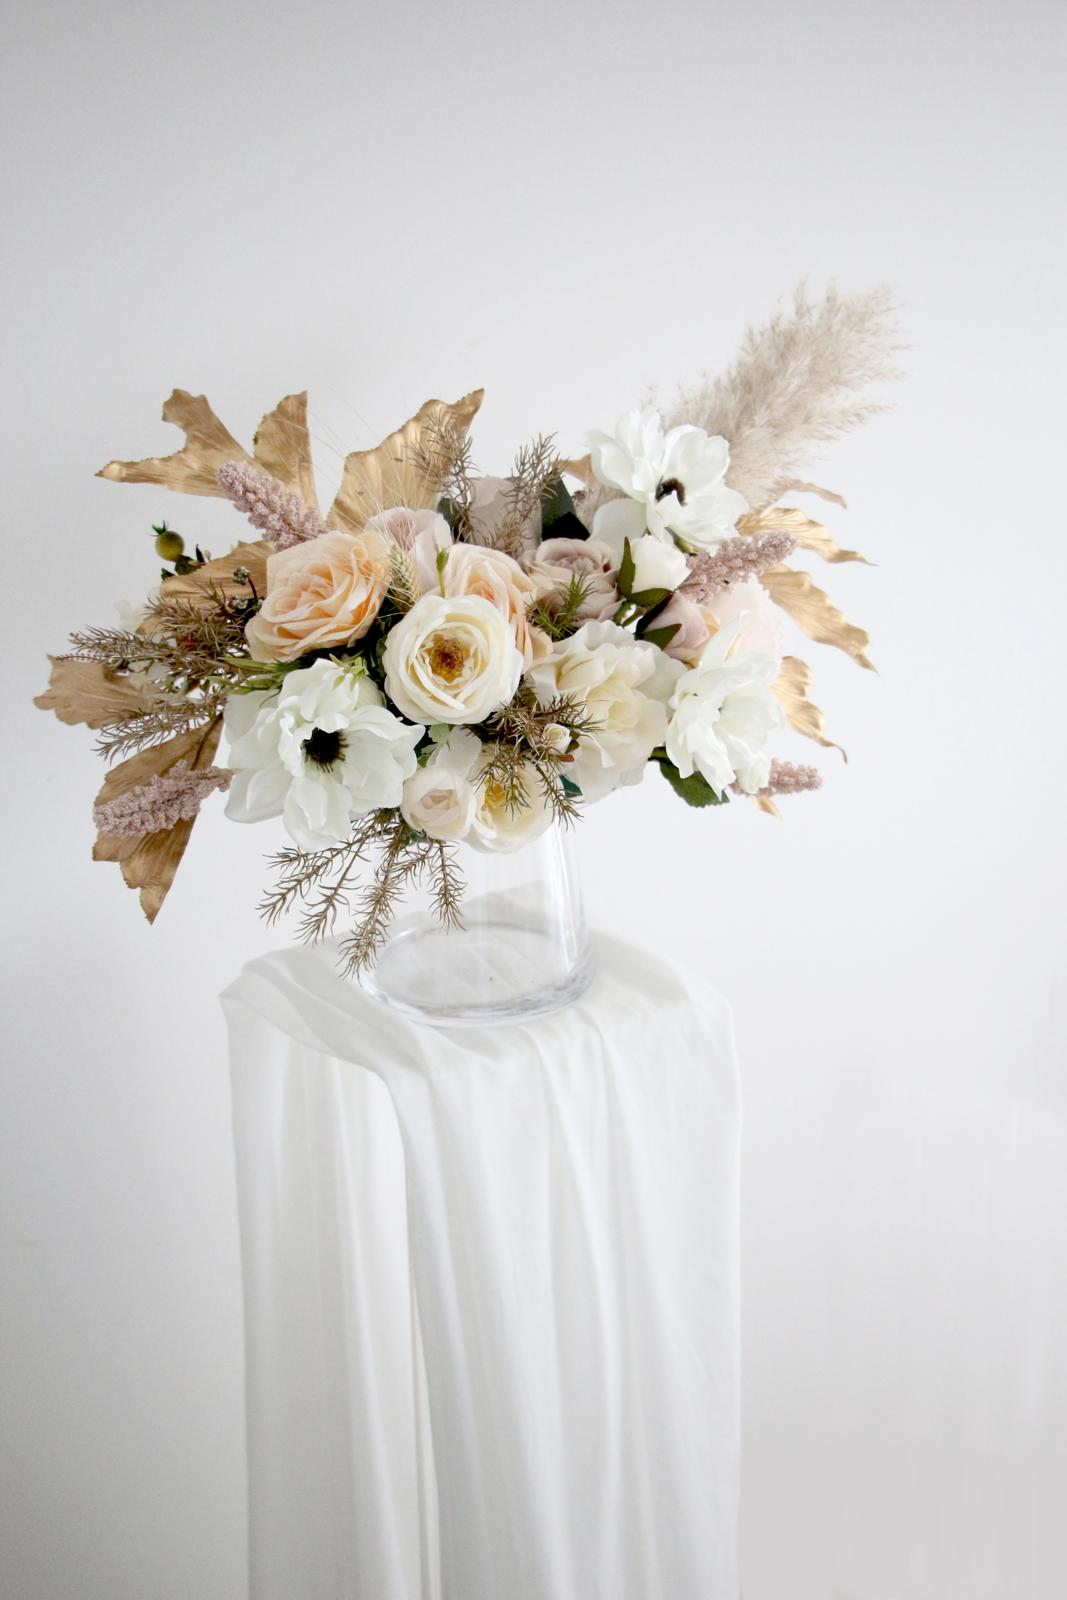 Kvetinové aranžovanie - Obrázok č. 2